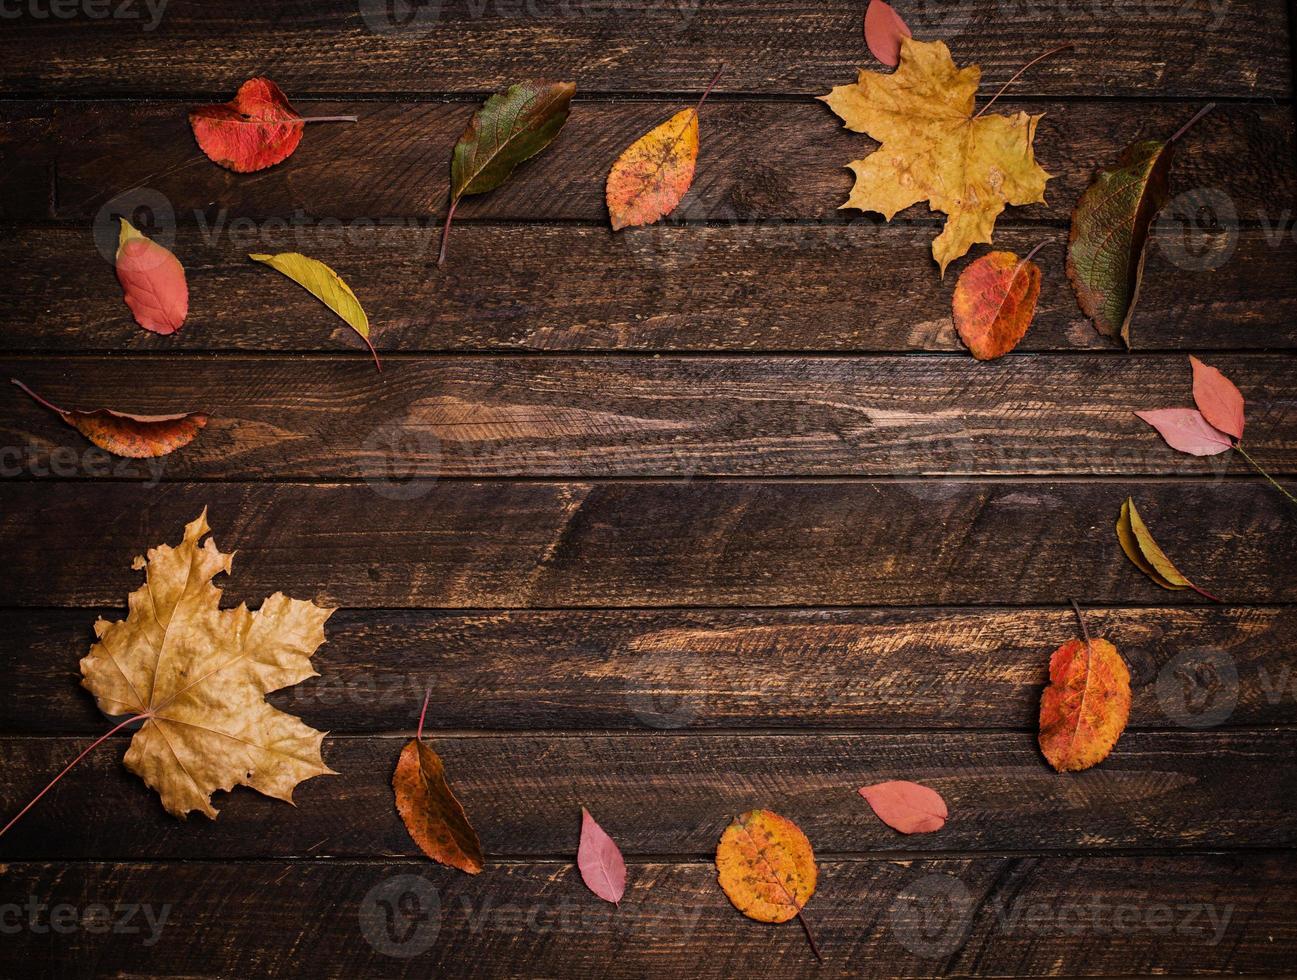 feuilles d'automne colorées sur un vieux fond de bois sombre. photo